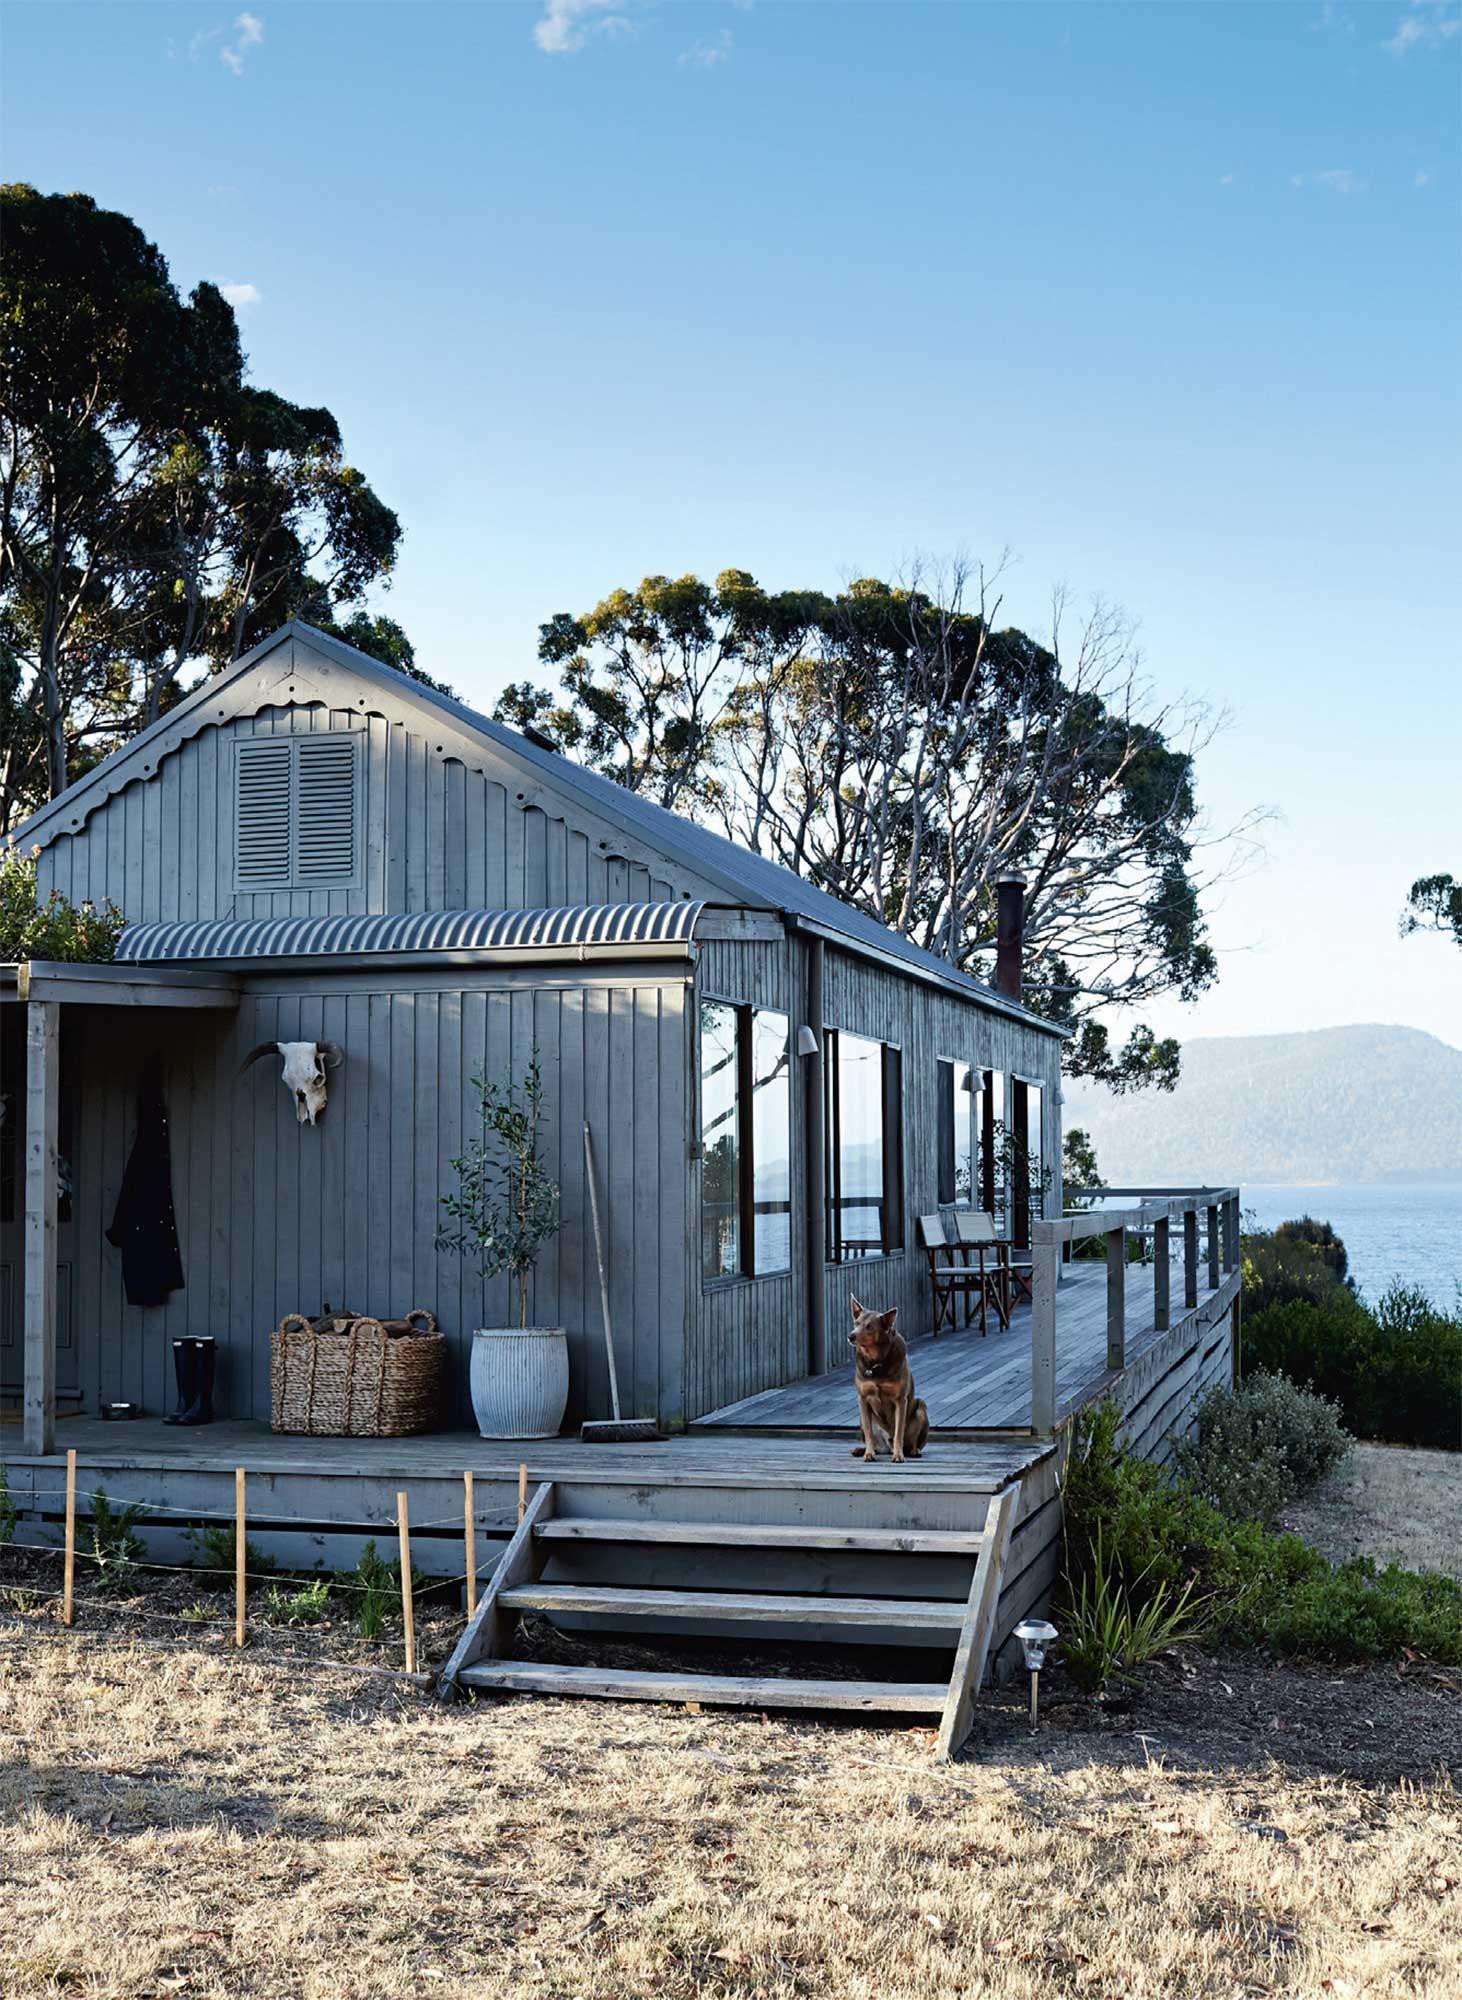 Déco bord de mer : Maison retraite sur une île privative en Tasmanie